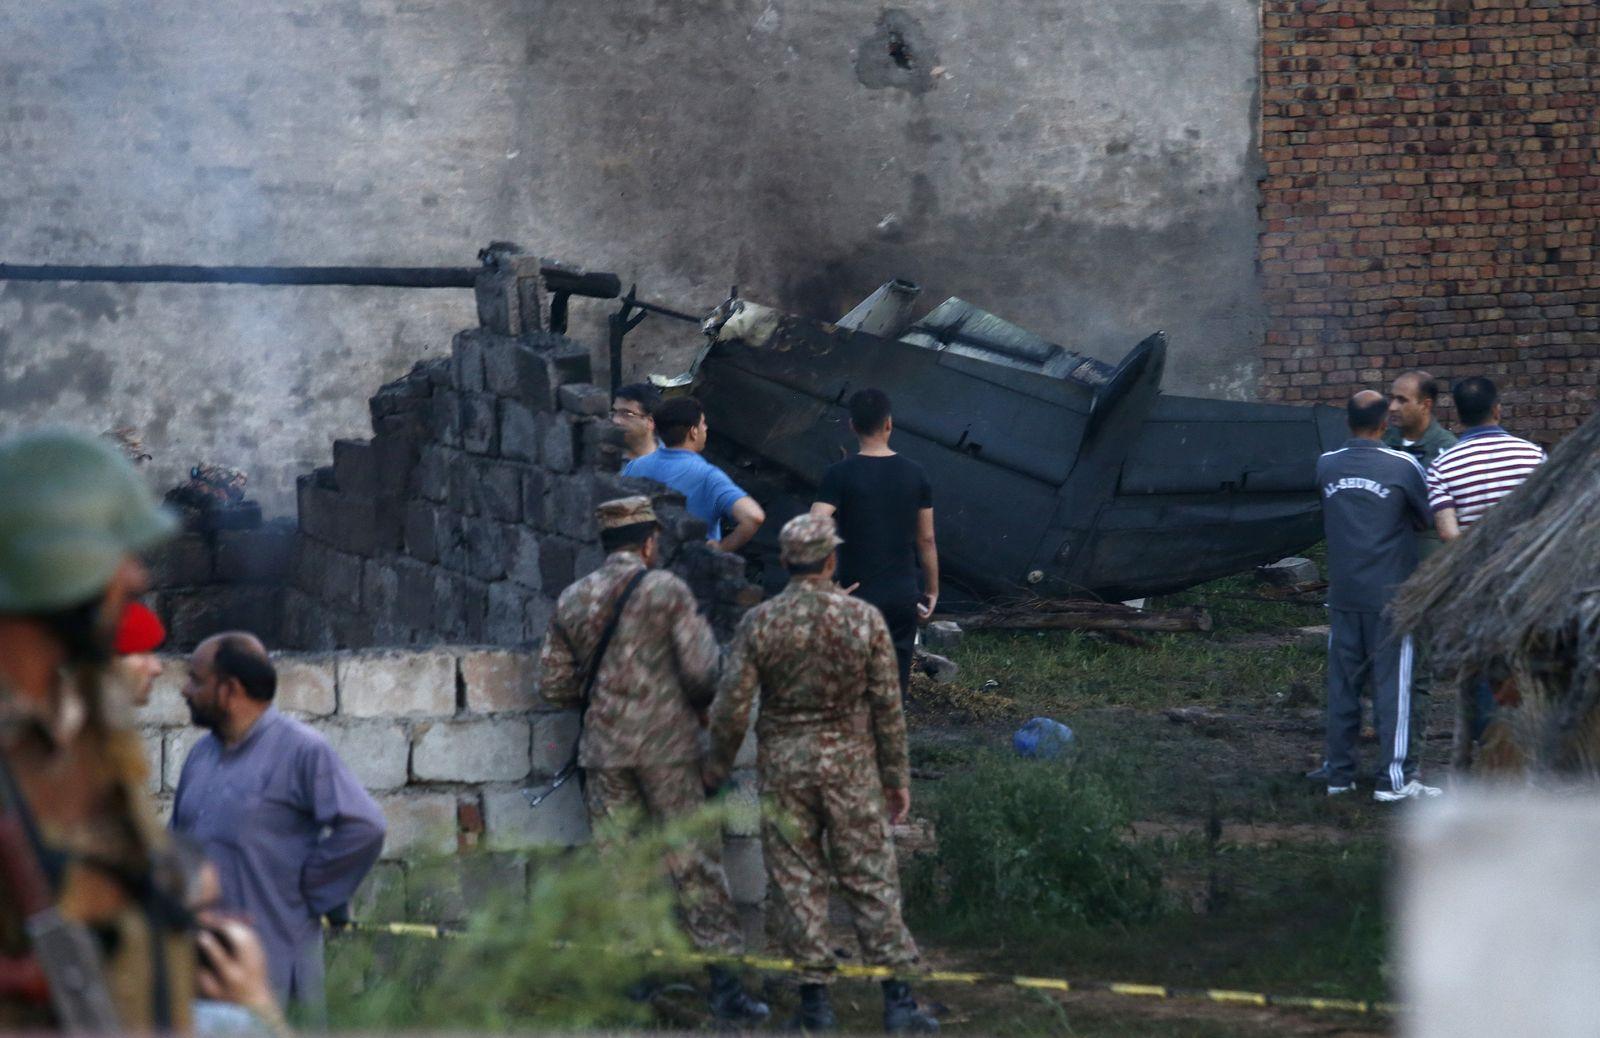 Absturz eines Militärflugzeugs in Pakistan